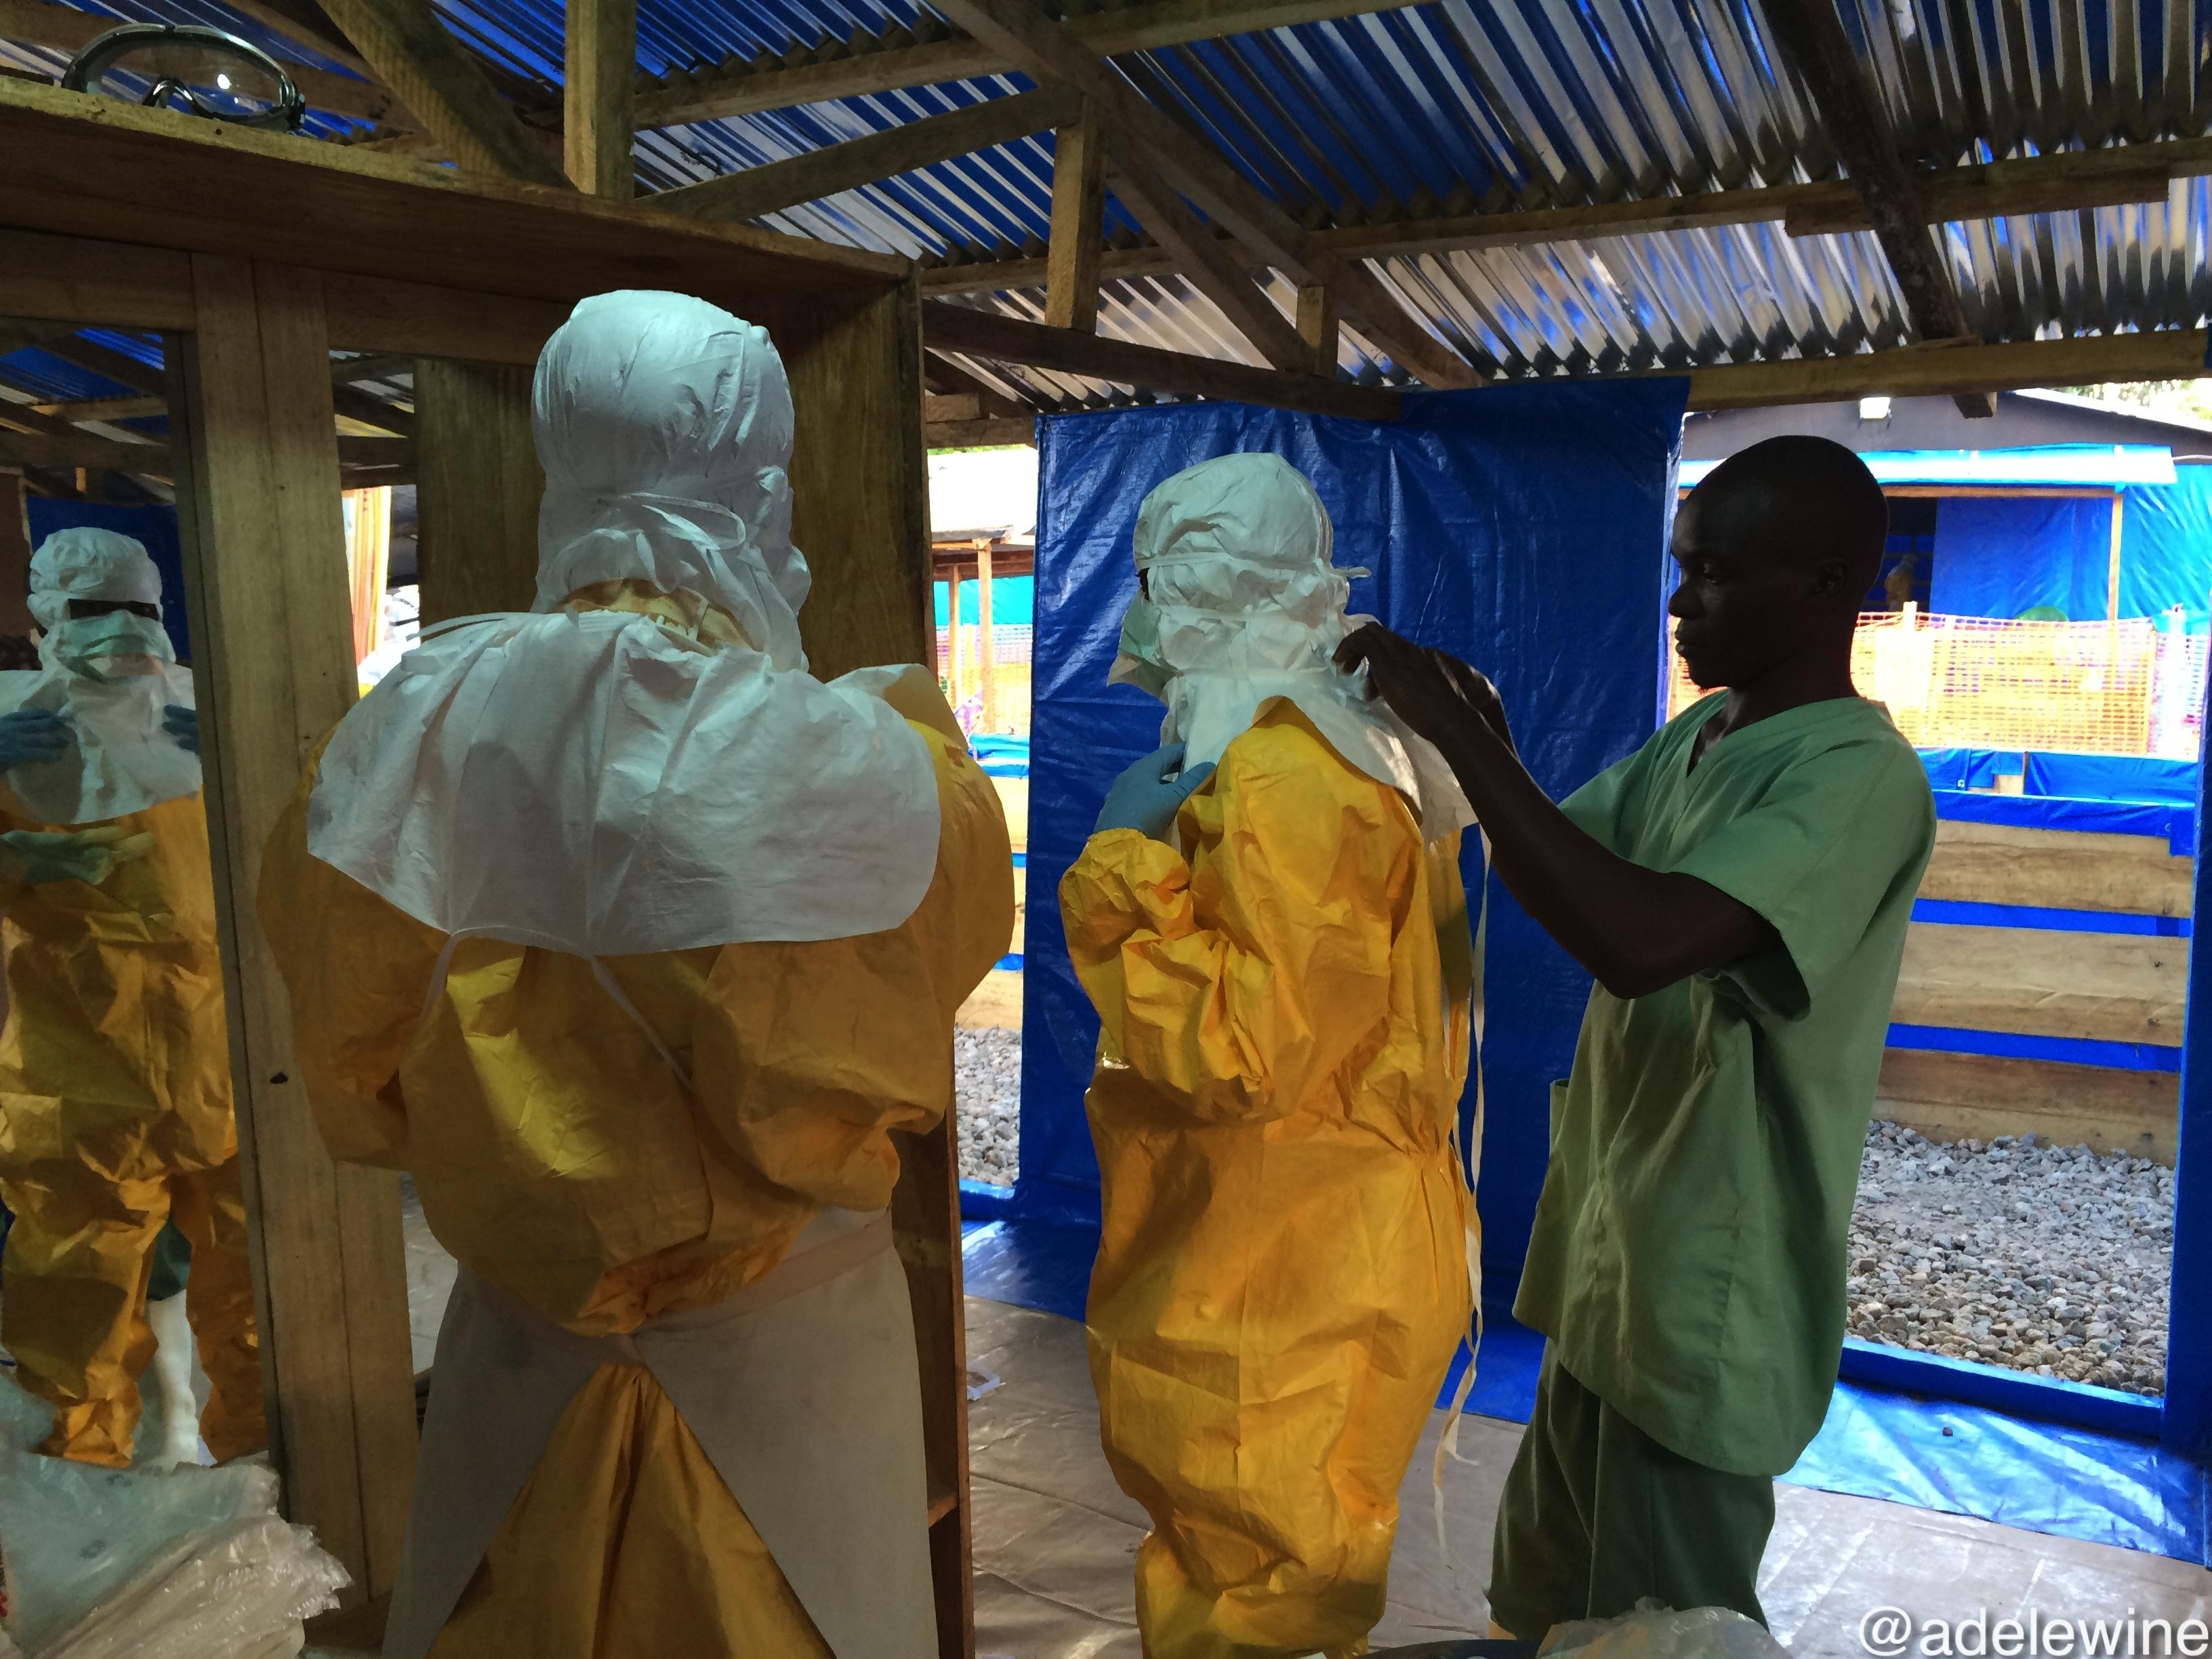 Séance d'habillage en PPE (Personal Protective Equipement)